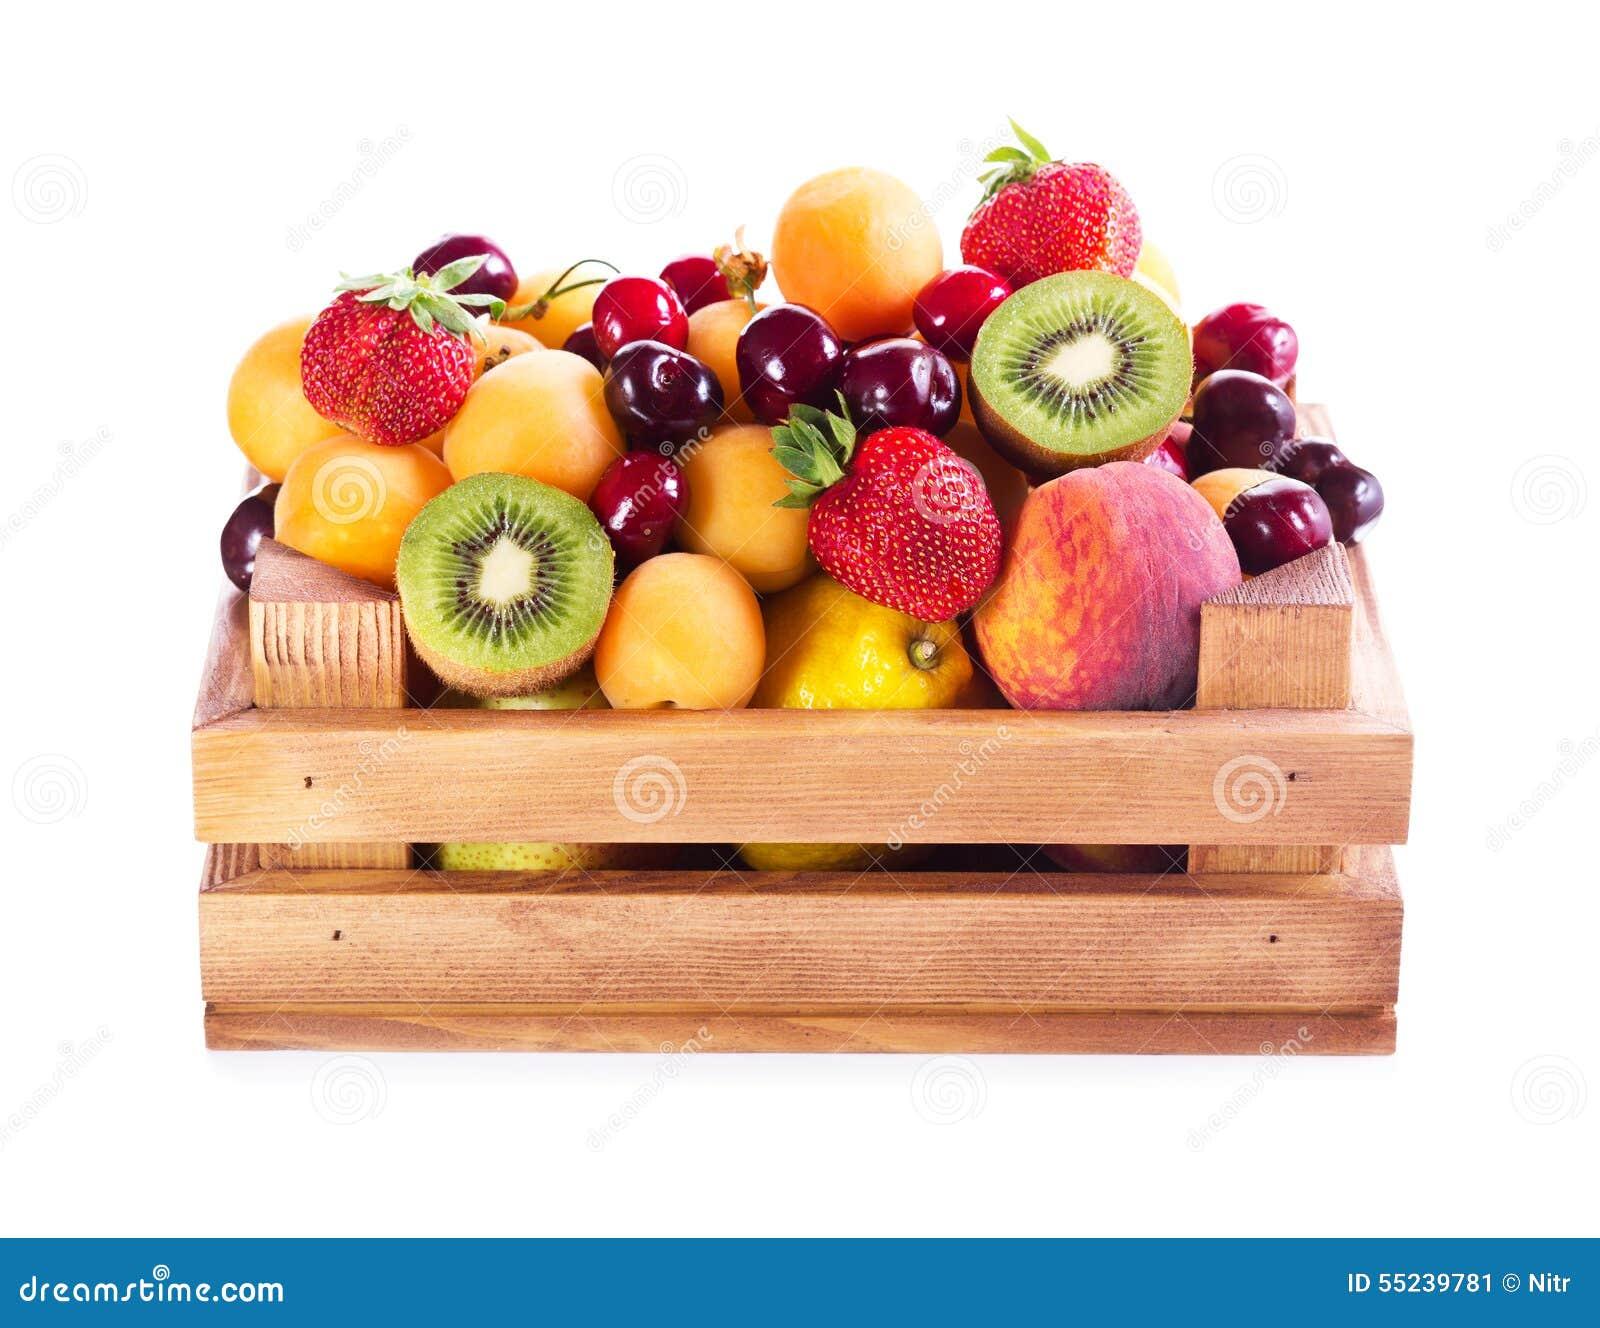 Caja de frutas de madera usado piezas slido flameadas - Cajas de fruta ...